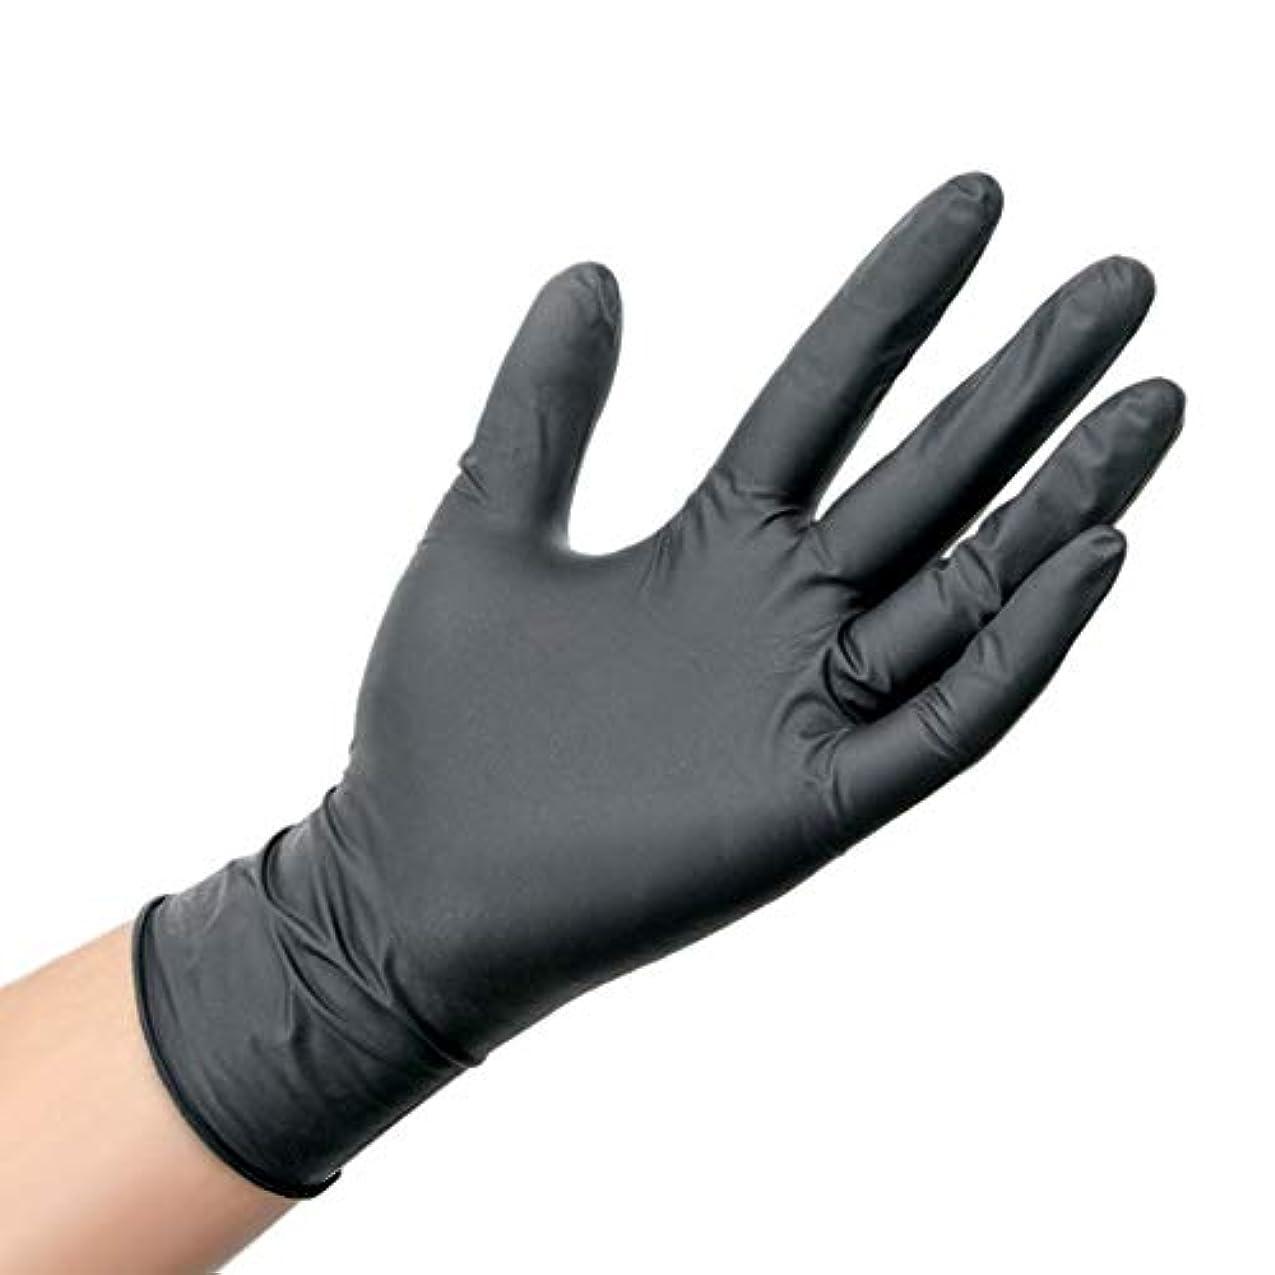 形告白タック肥厚した抗酸とアルカリの帯電防止保護手袋使い捨て工業用ニトリルゴム手袋 YANW (色 : ブラック, サイズ さいず : M m)